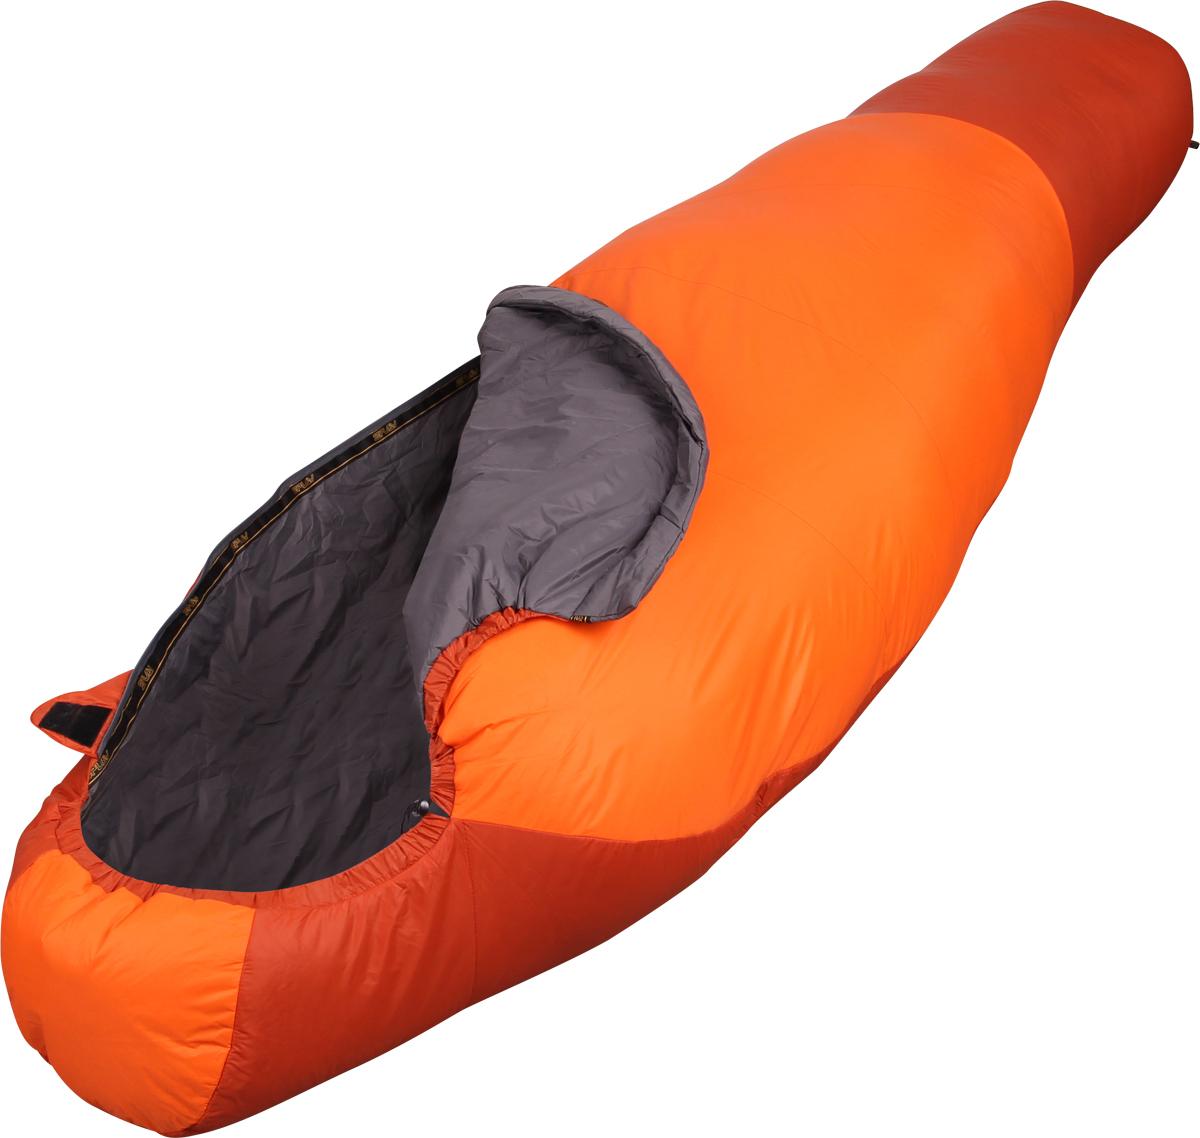 Мешок спальный Сплав Antris 120, левосторонняя молния, цвет: оранжевый, 240 x 90 x 60 см